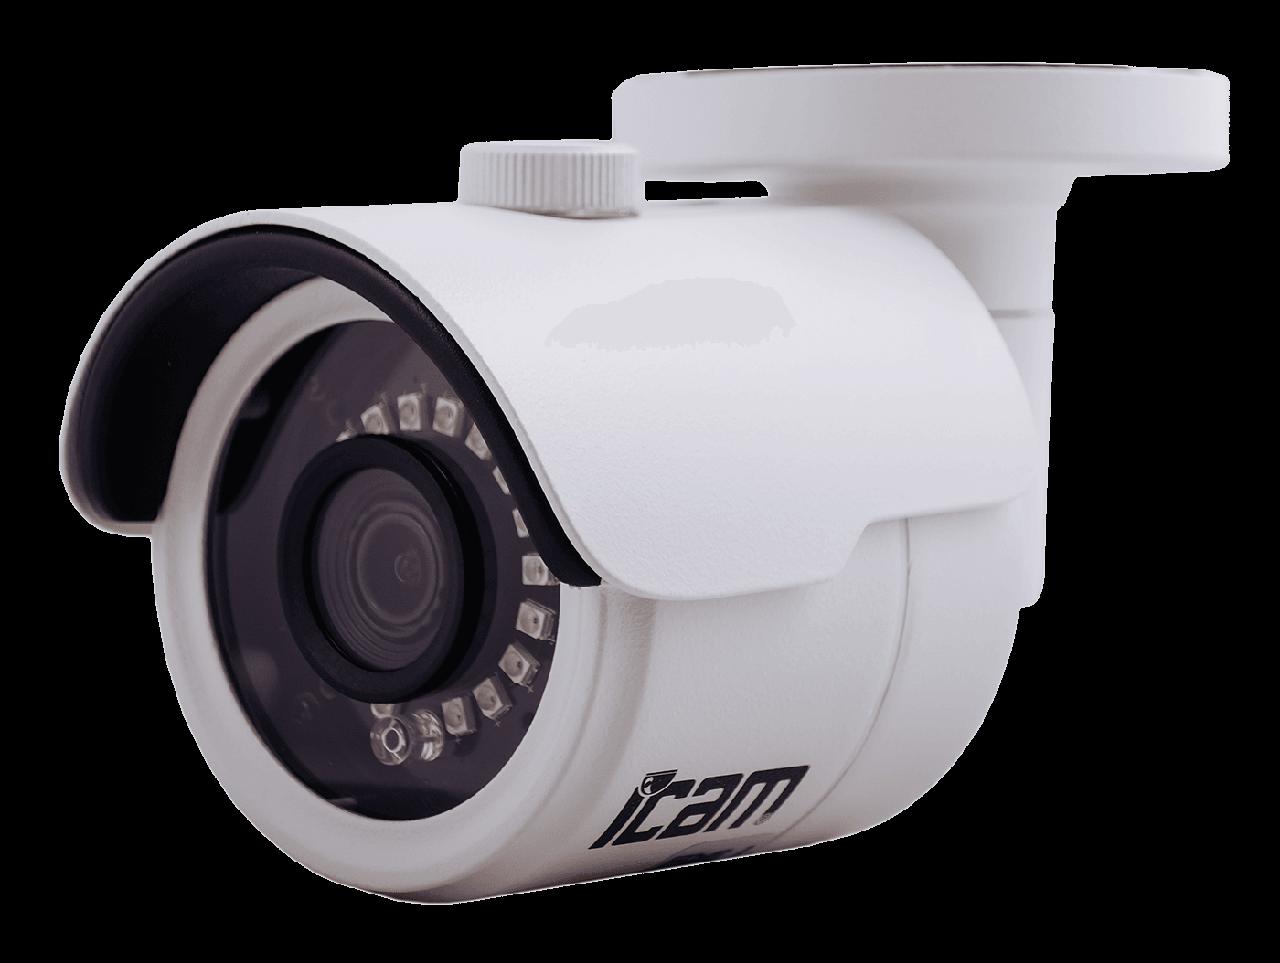 Цилиндрическая IP камера iPanda iCAM FXB3 4 Мп